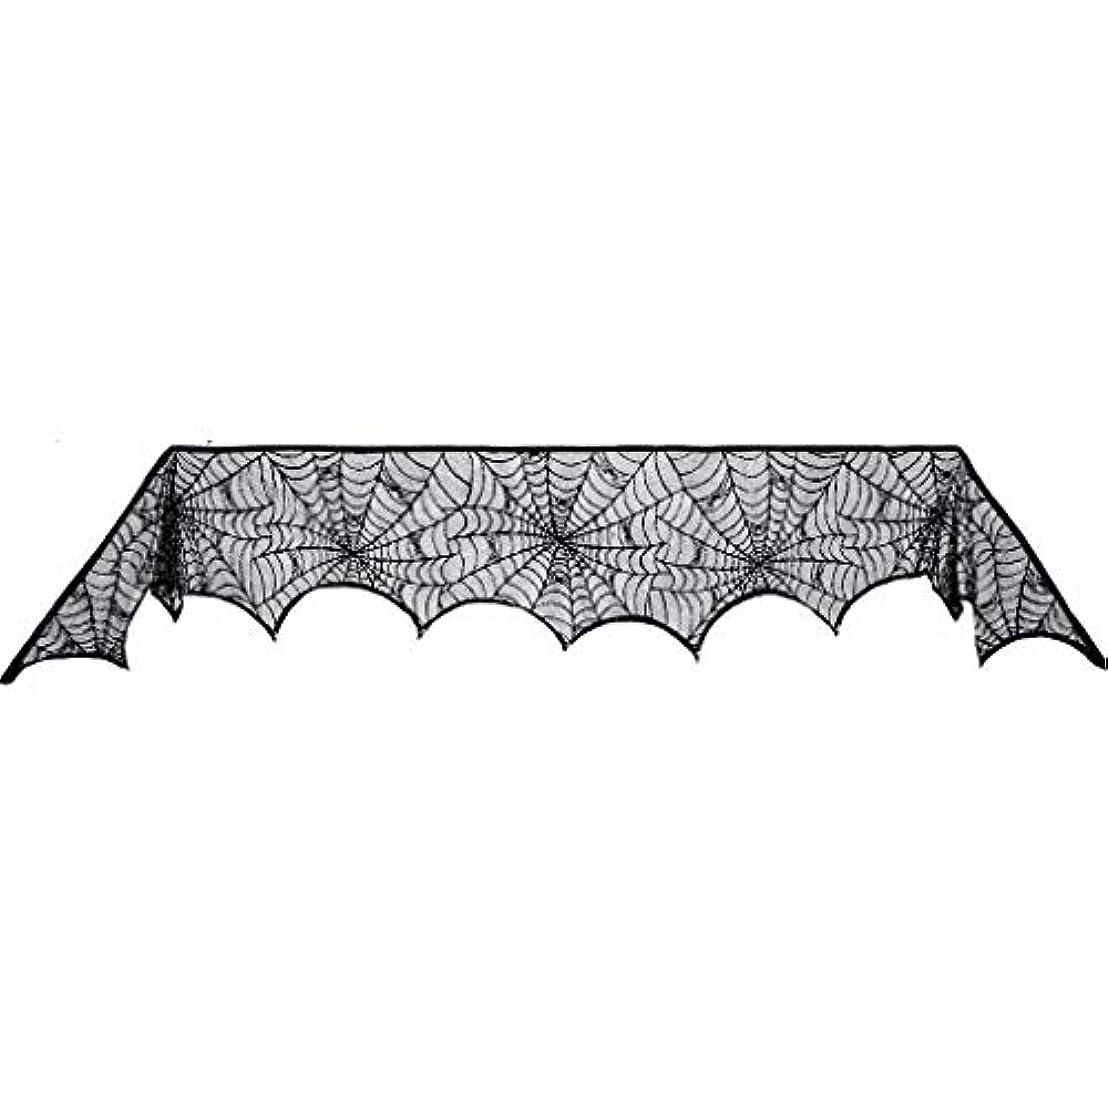 発表お茶農業のハロウィンの黒いレースのクモの巣の暖炉のマントルスカーフカバー、ハロウィンの小道具の装飾